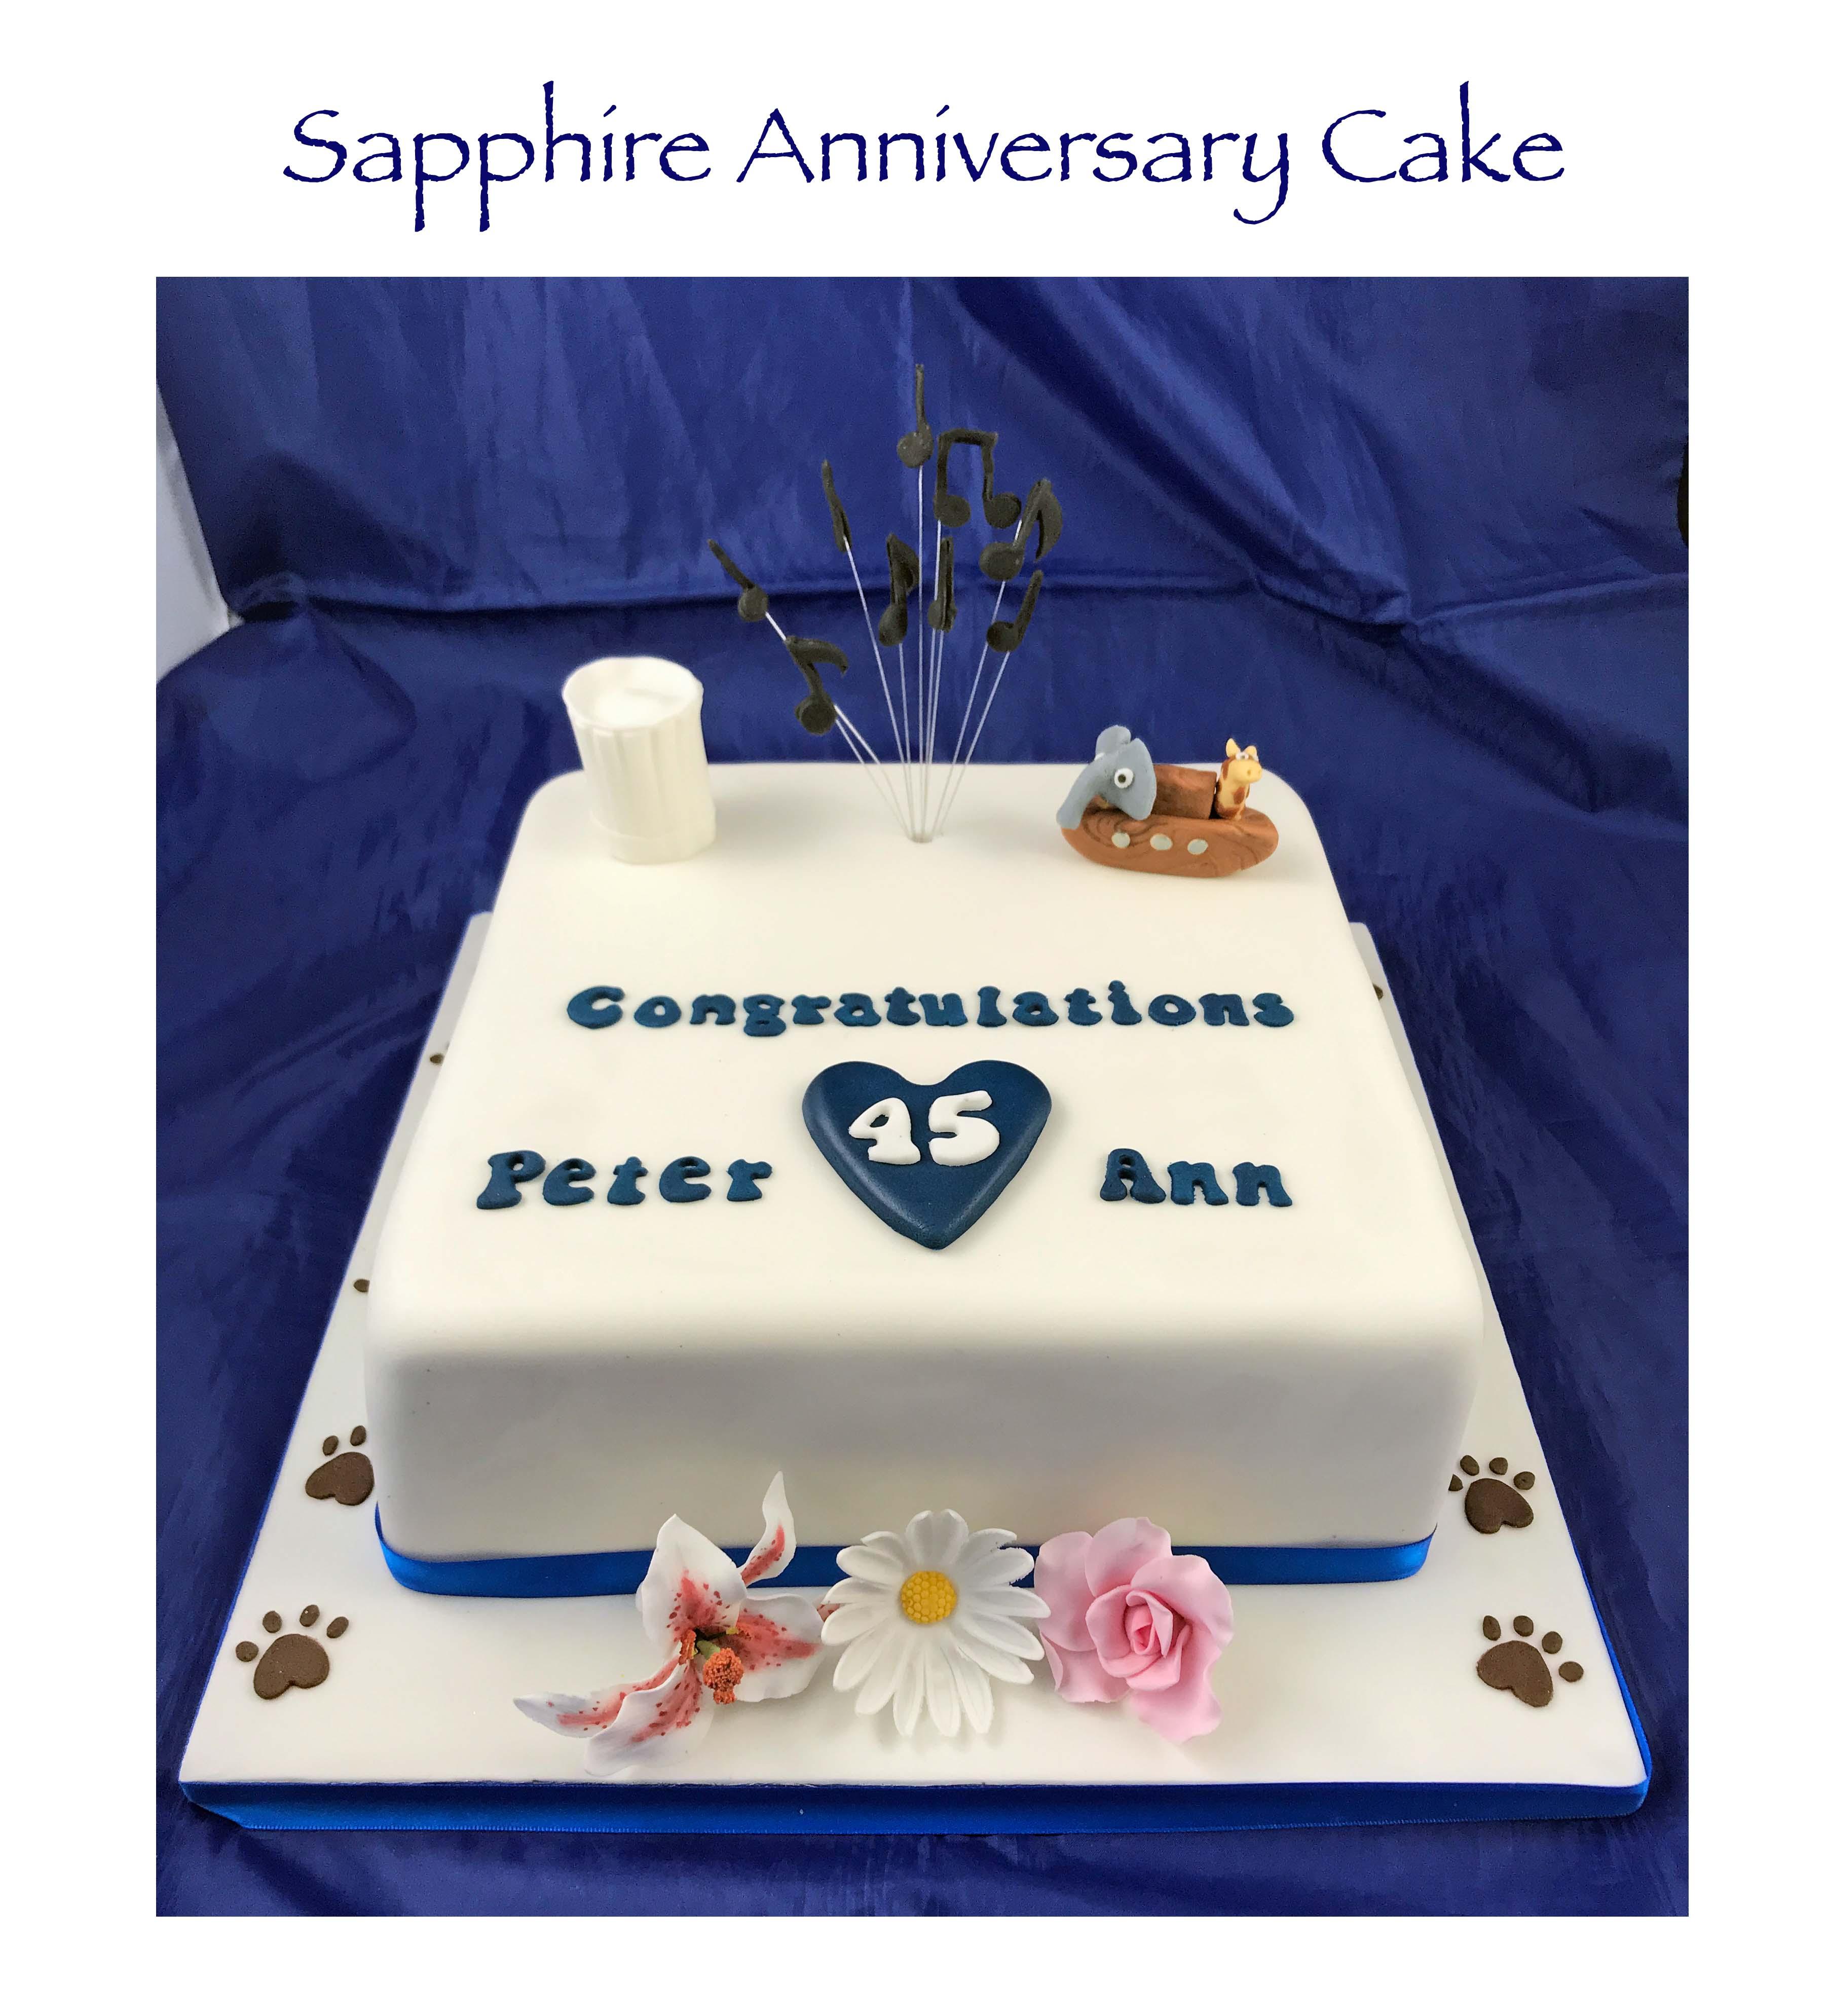 Sapphire Anniversary Cake